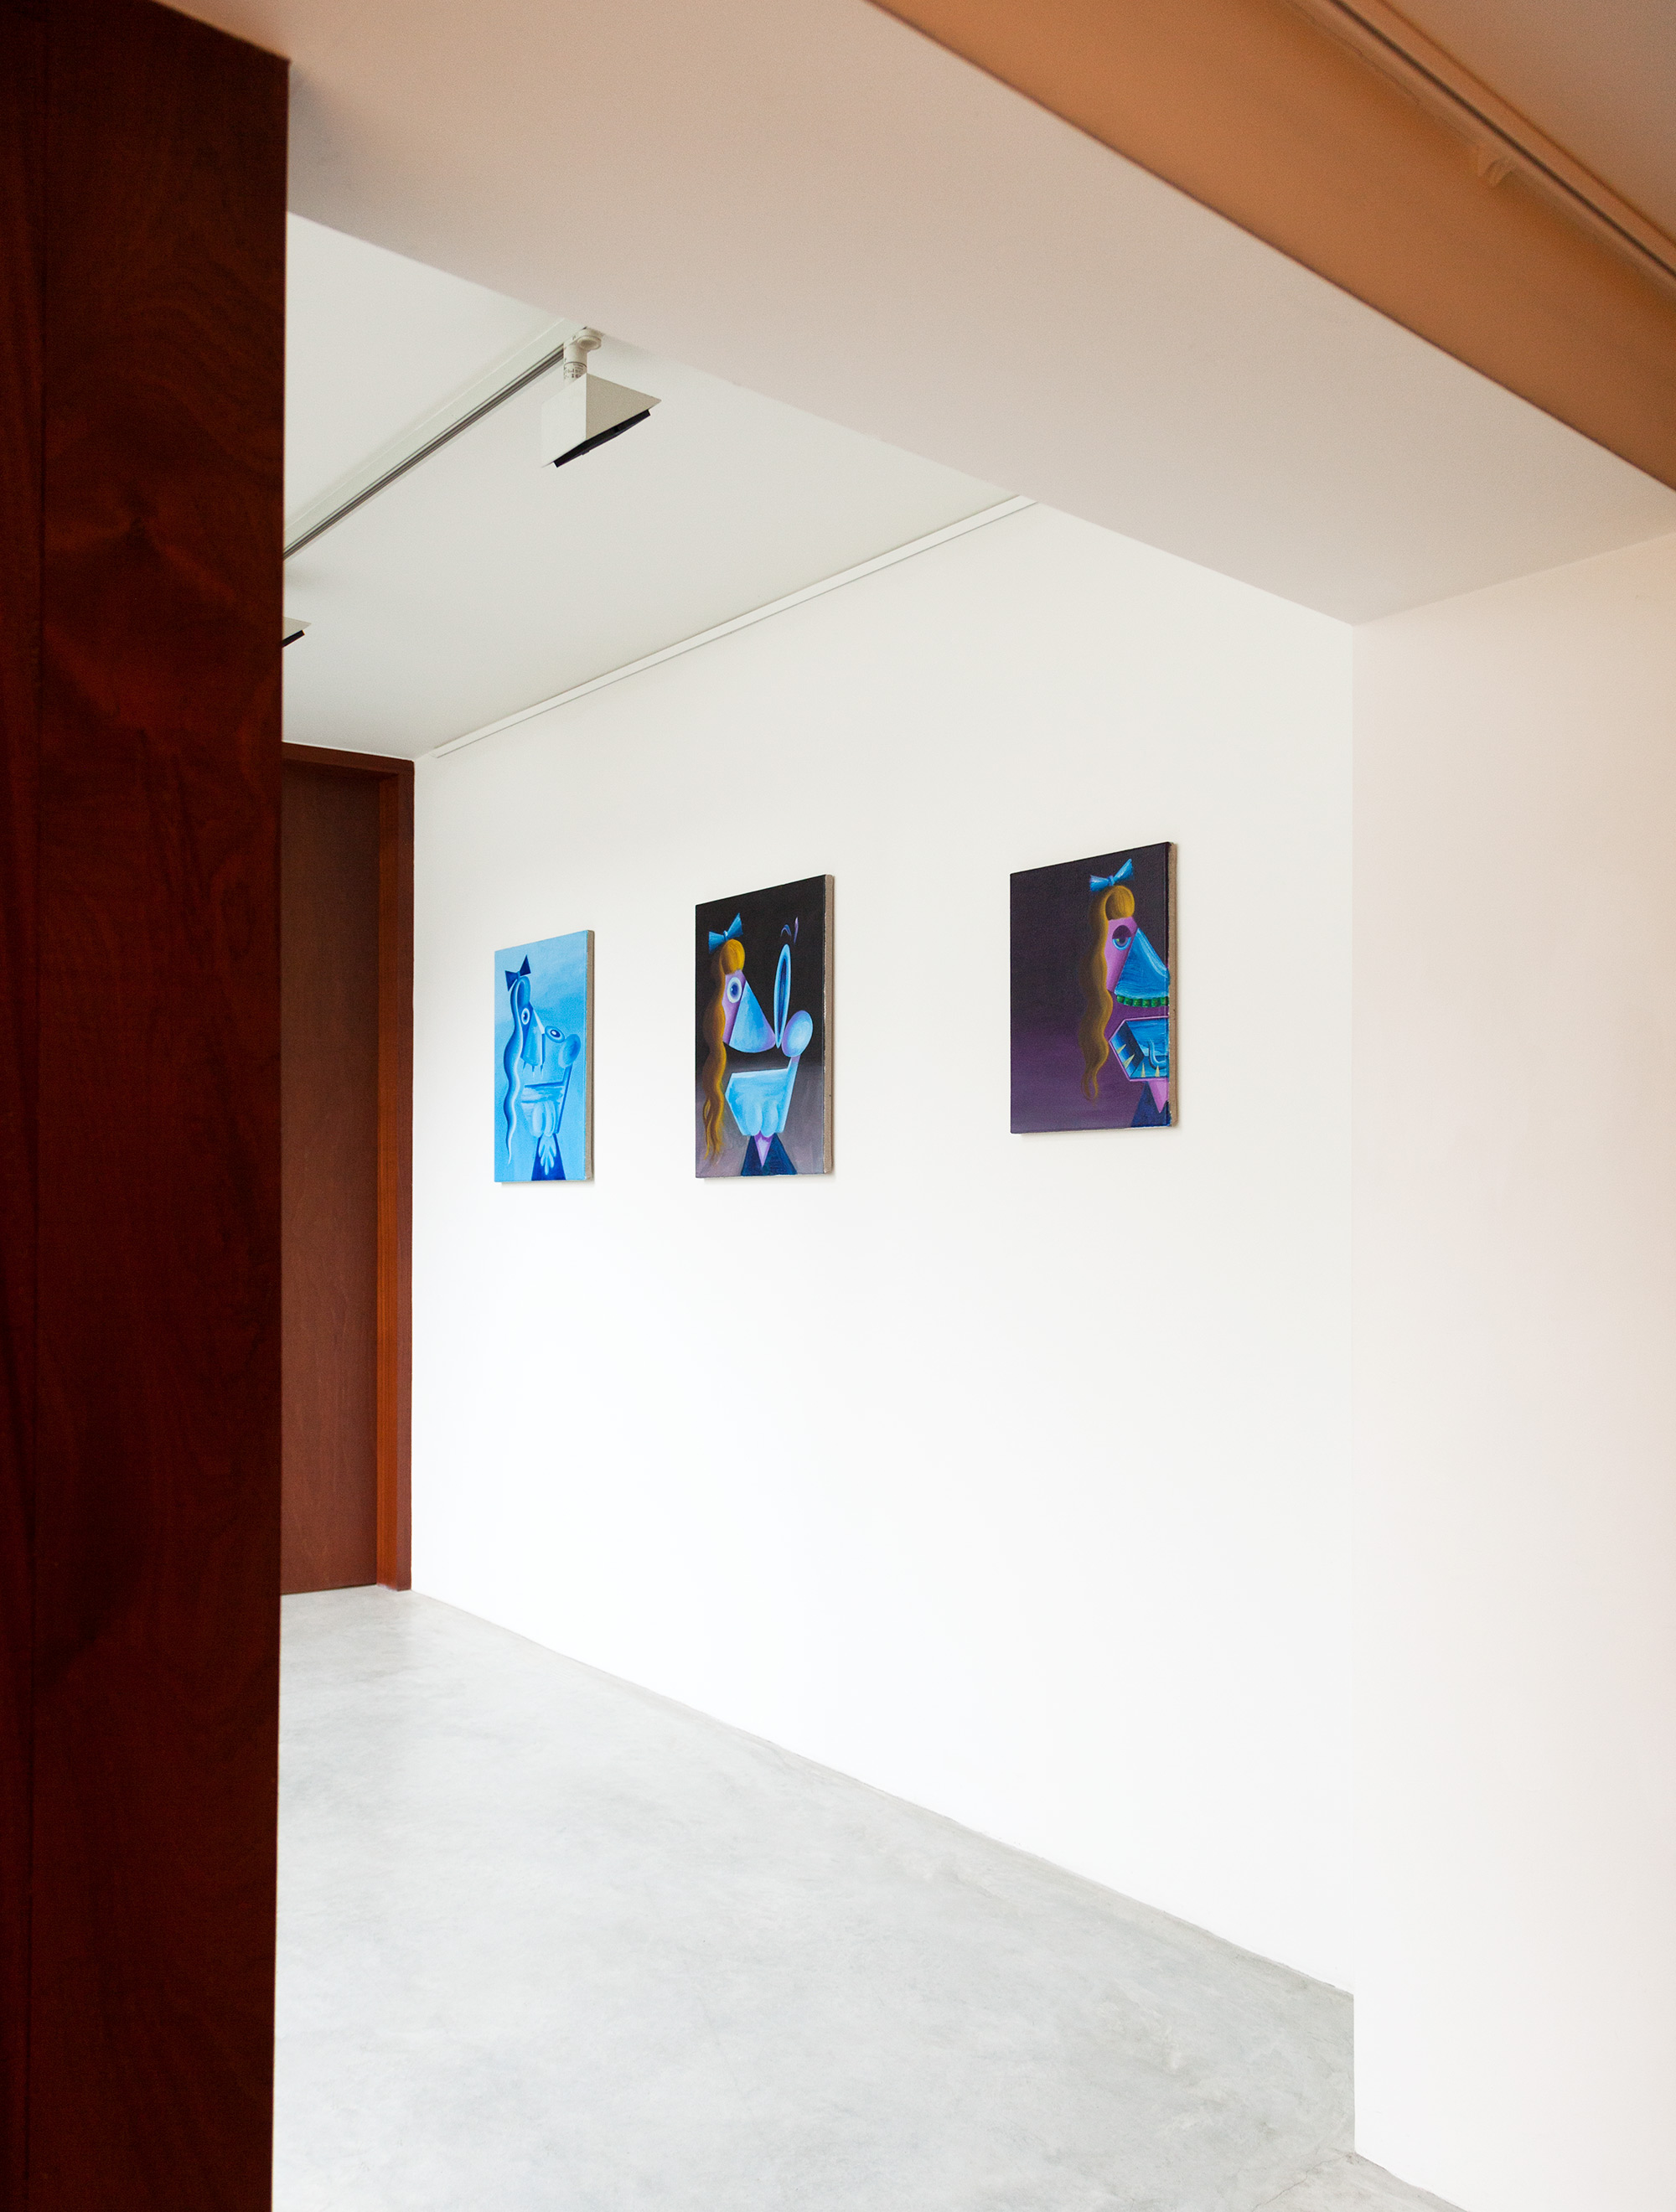 Installation Triplets Peter Von Kant Gallery